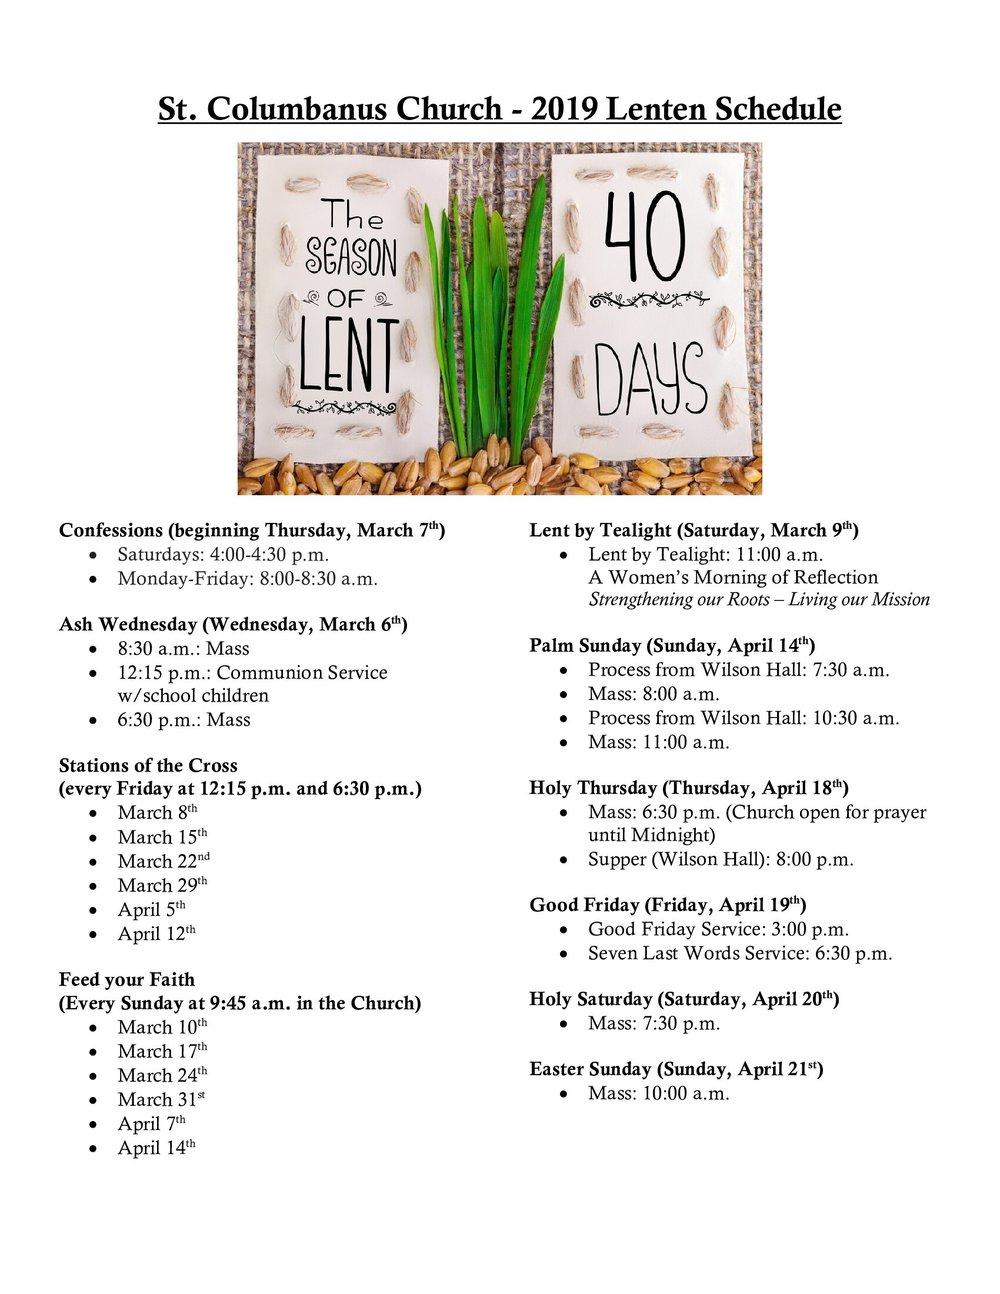 2019 Lenten Schedule.jpg